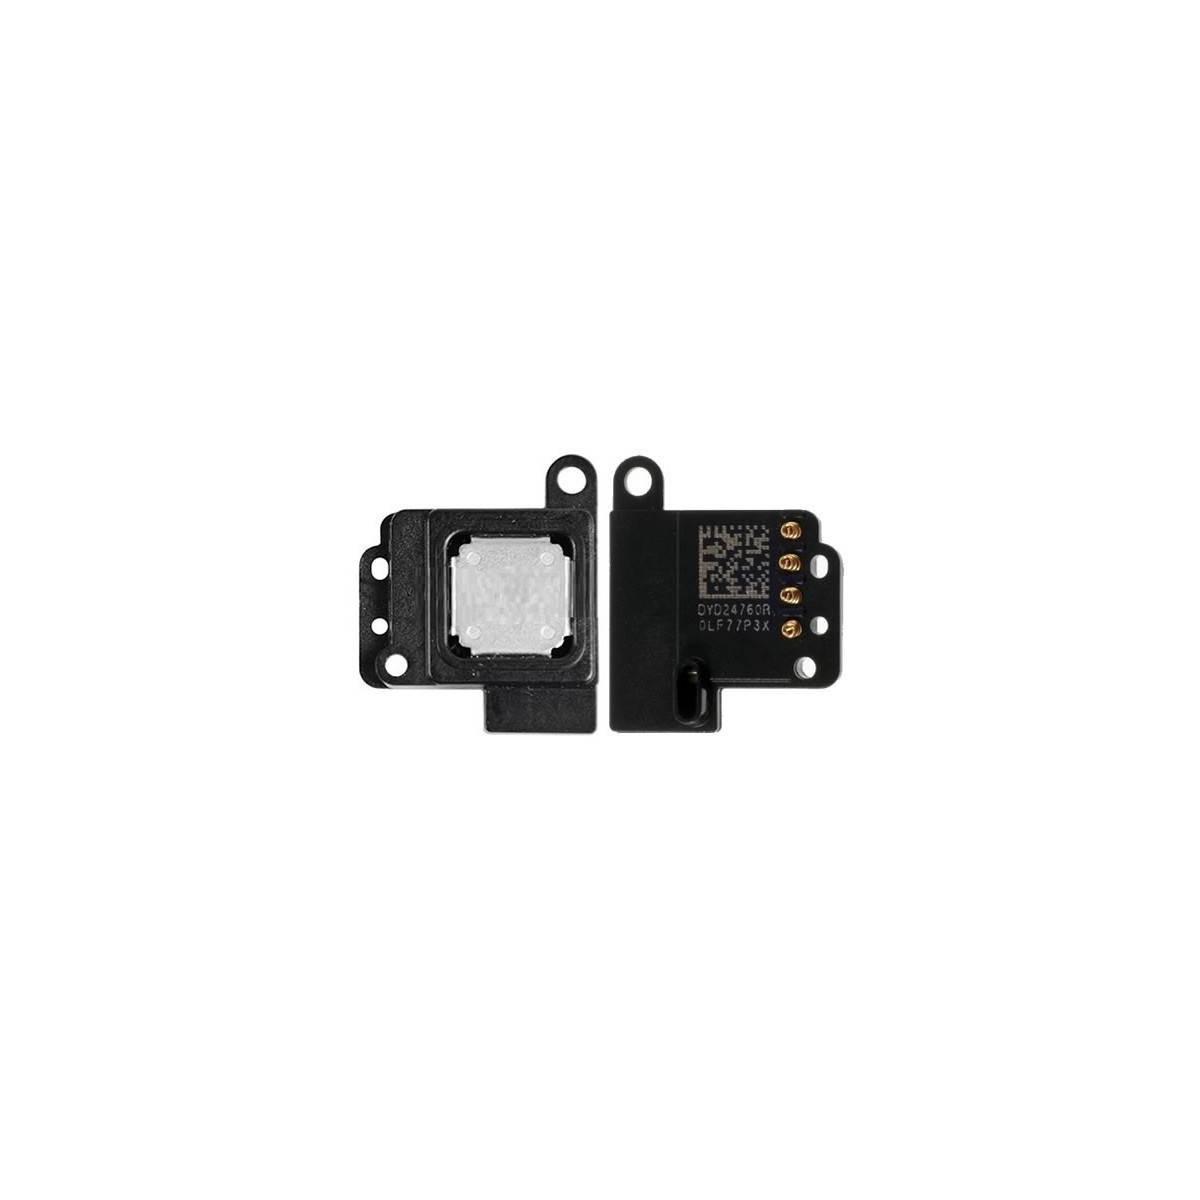 Módulo de altavoz, fone de ouvido speaker para Apple iPhone 5S